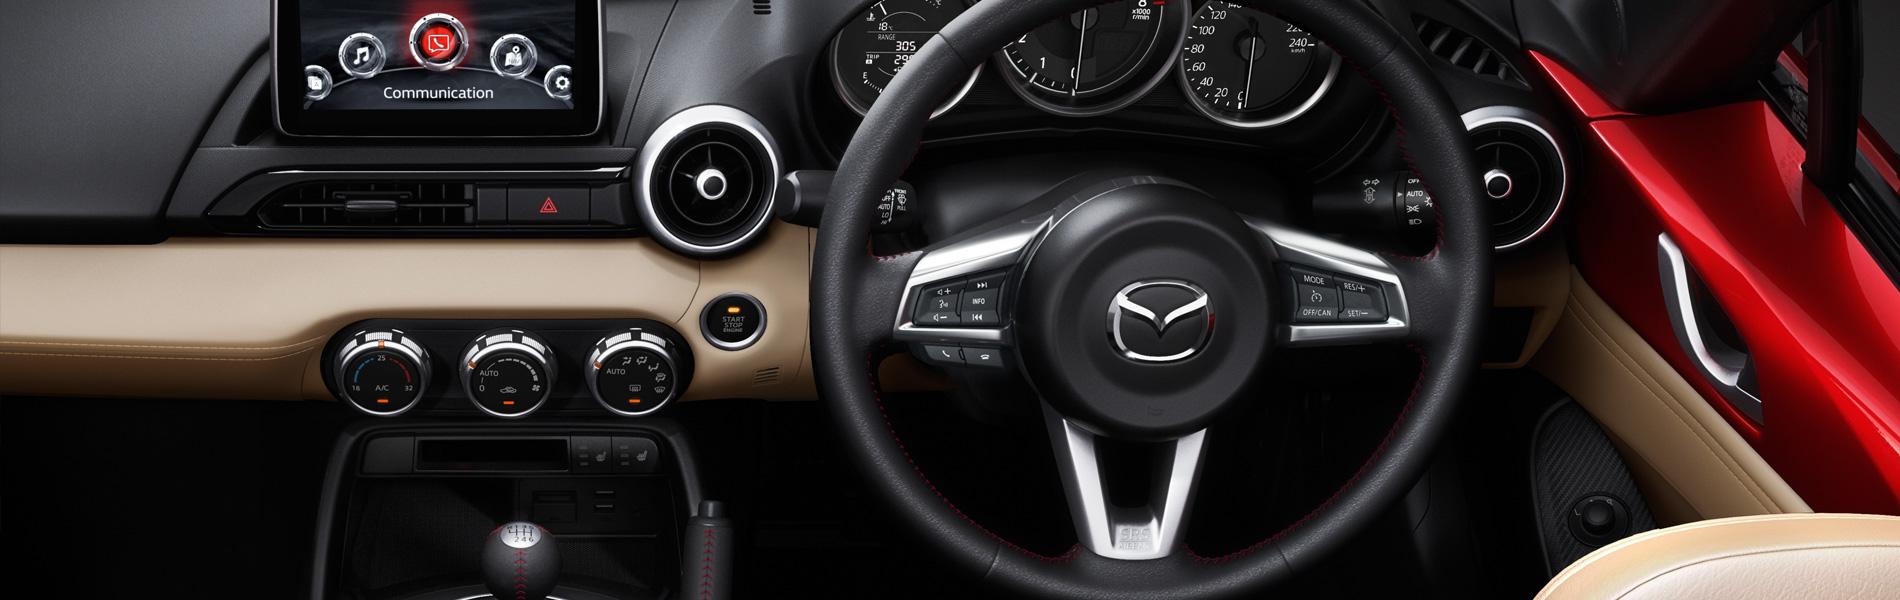 Mazda MX-5 Image 3